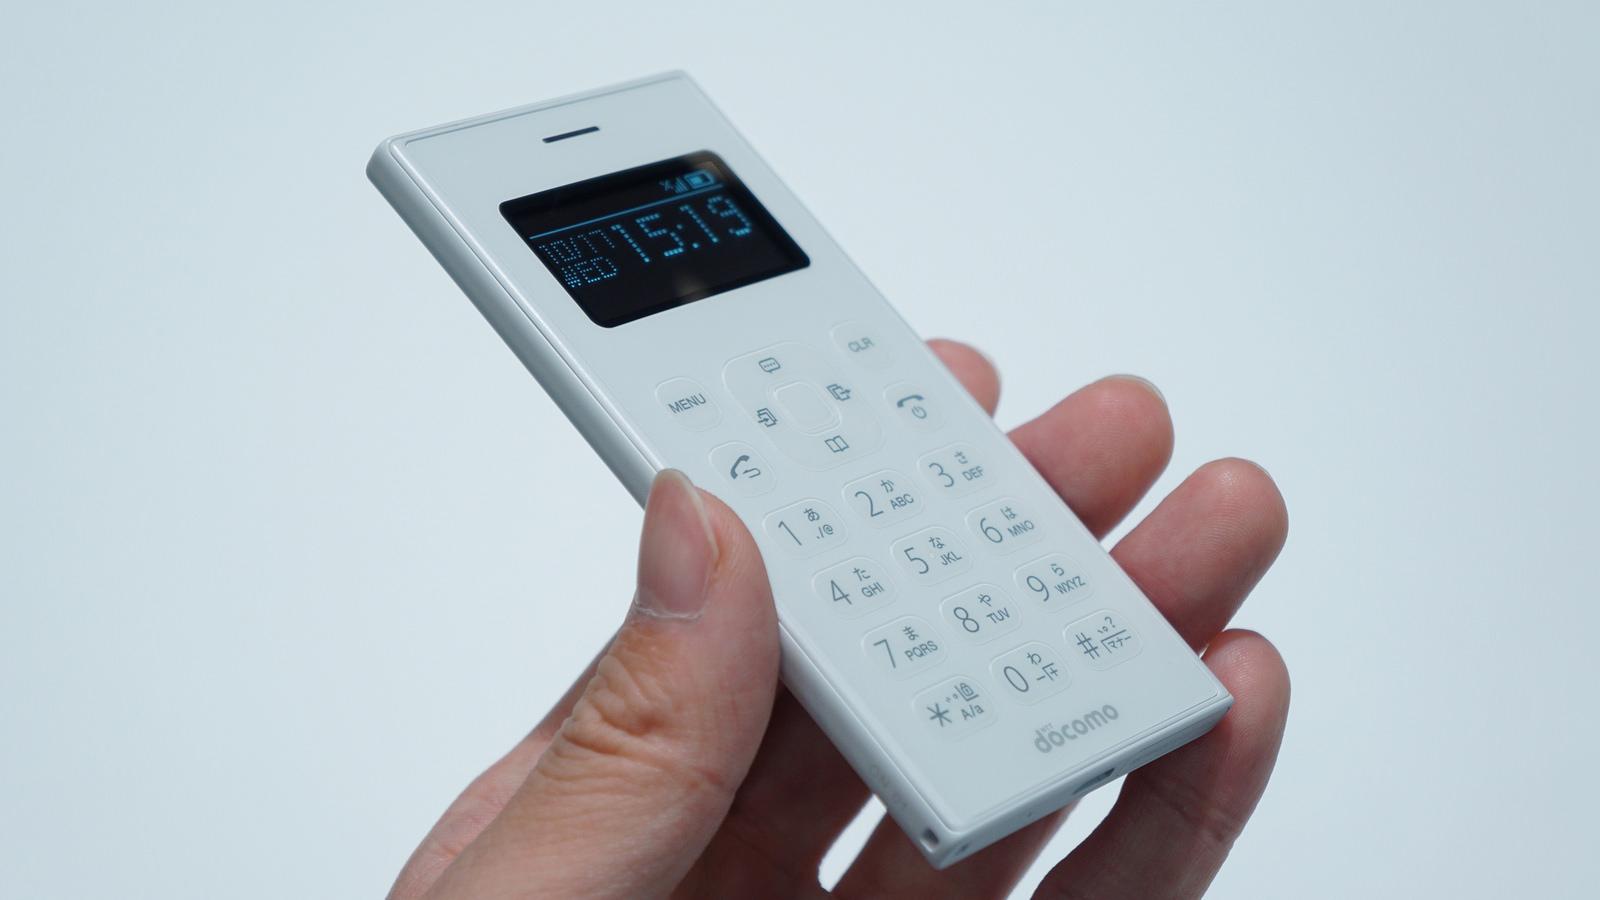 1つの電話番号をスマホと共有できる「ワンナンバーフォン」が10月下旬発売